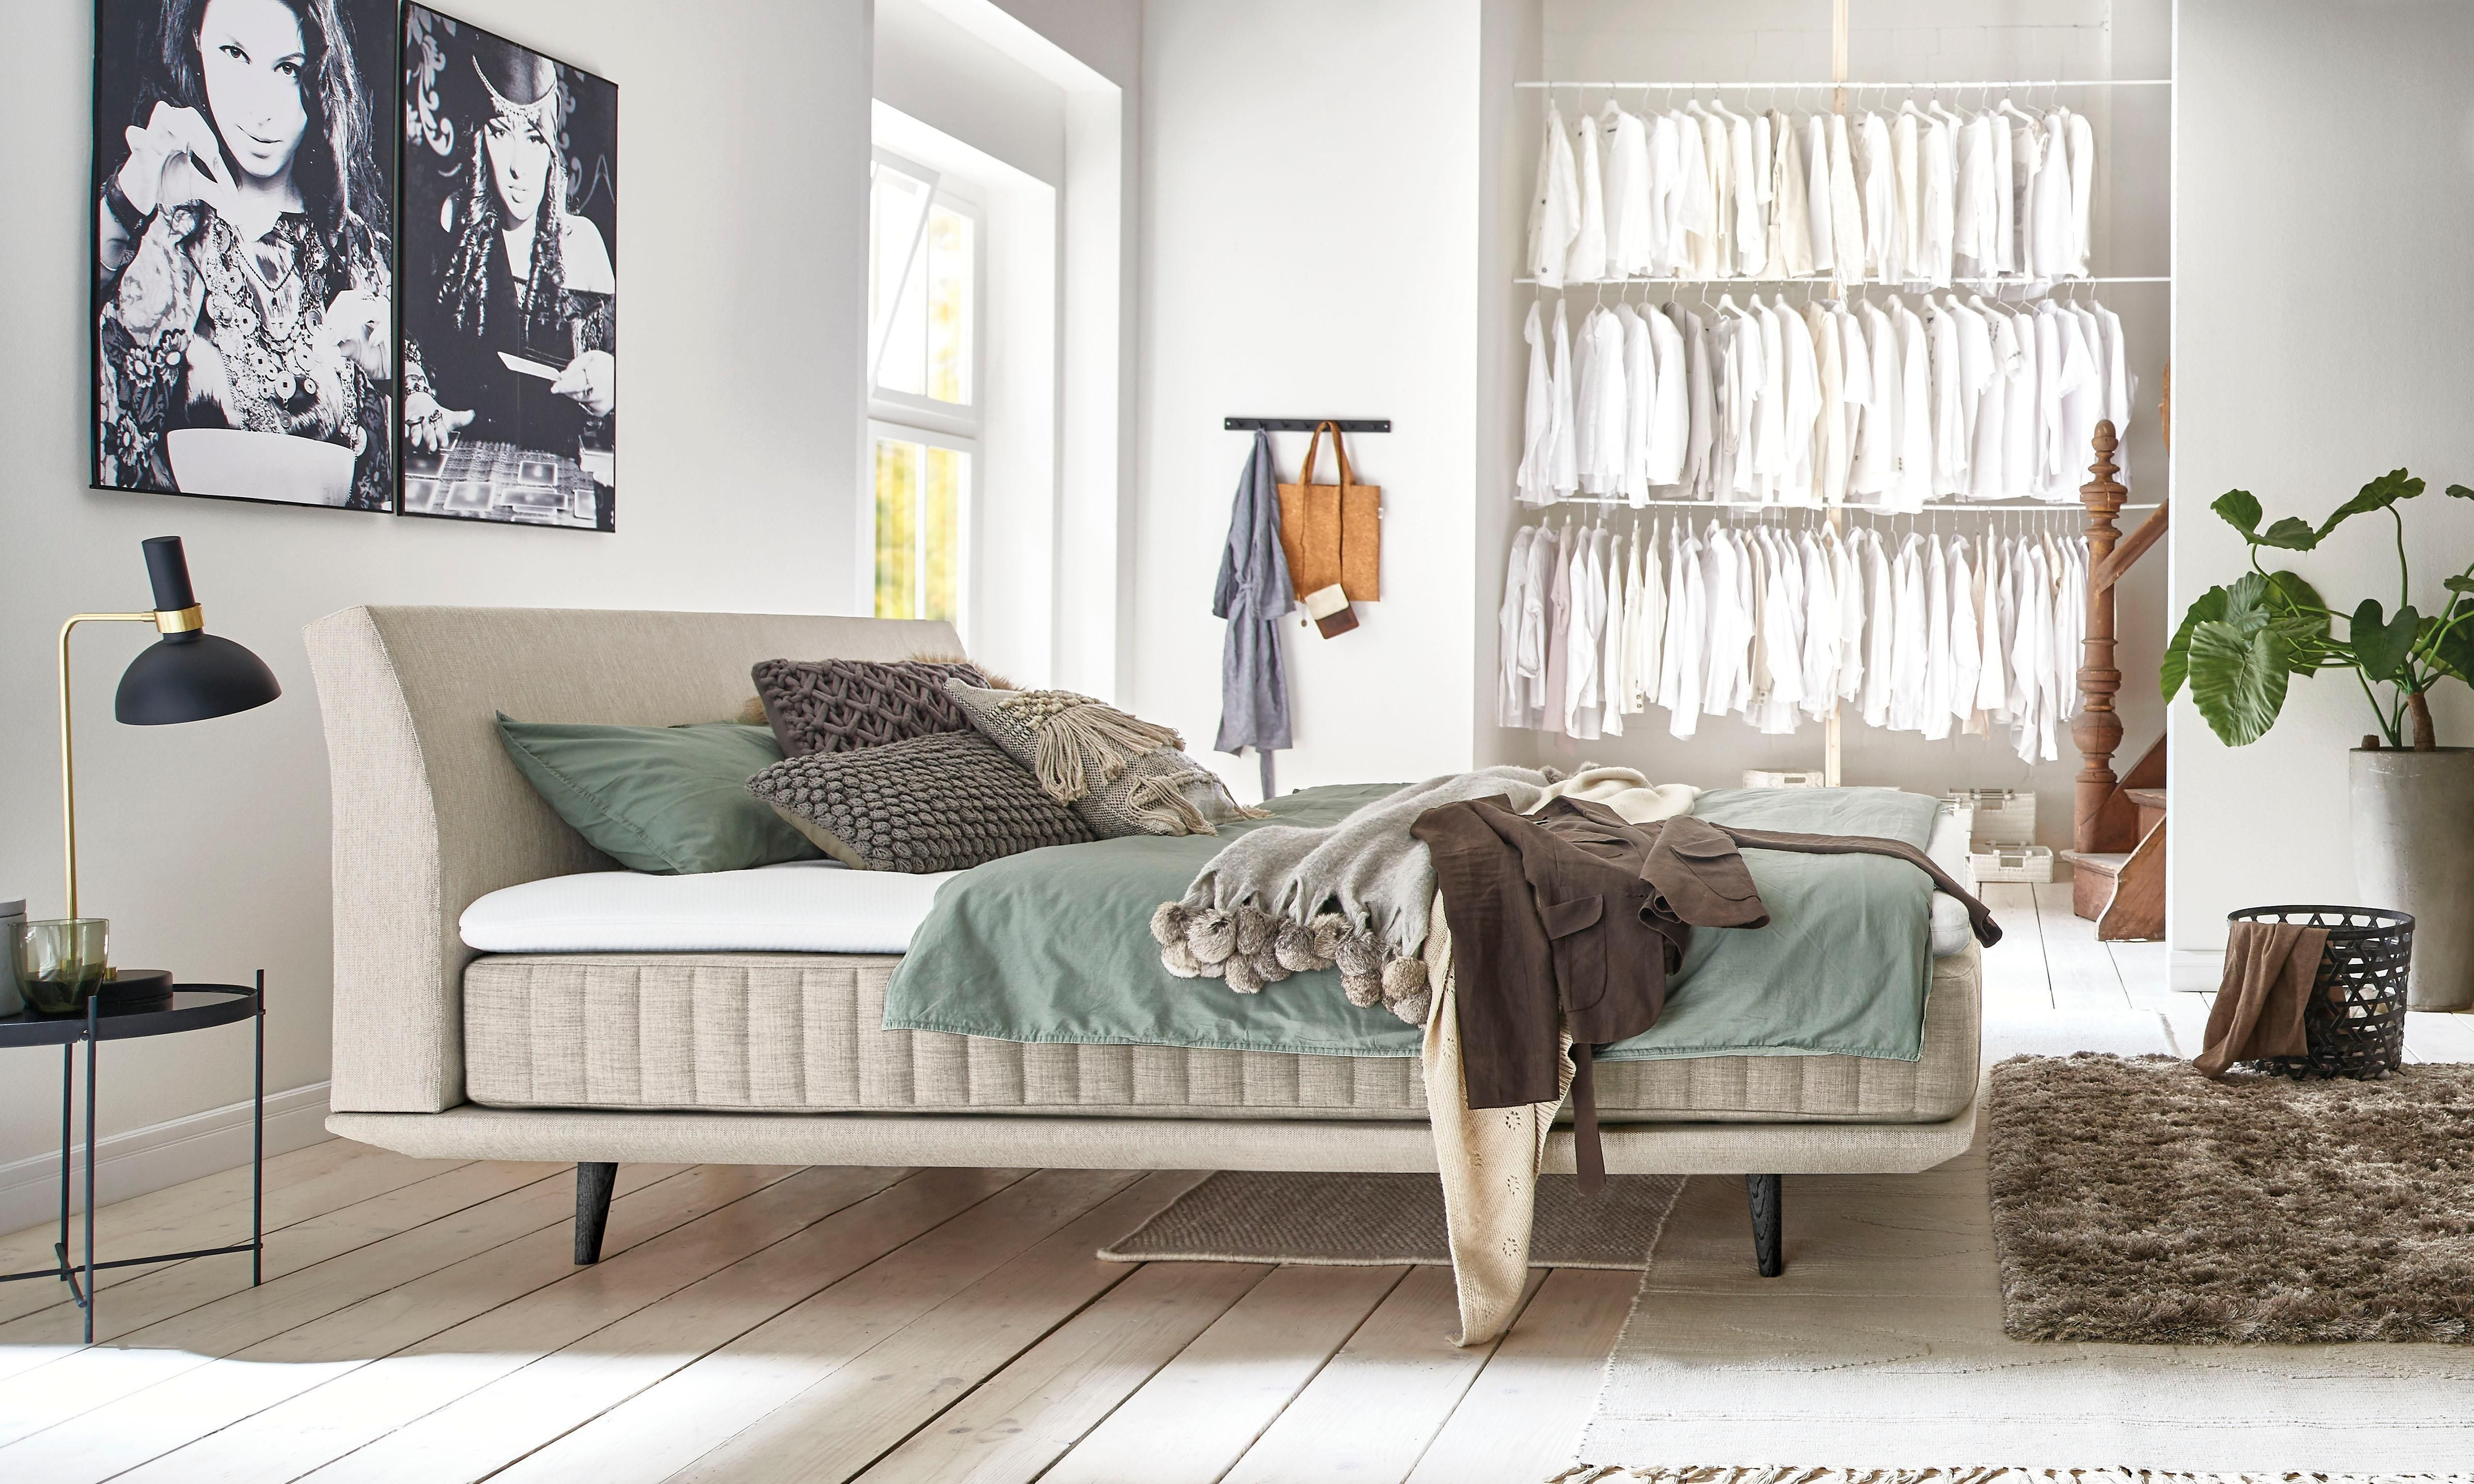 Betten Mit Stauraum Selber Bauen Futonbett Mit Matratze 120x200